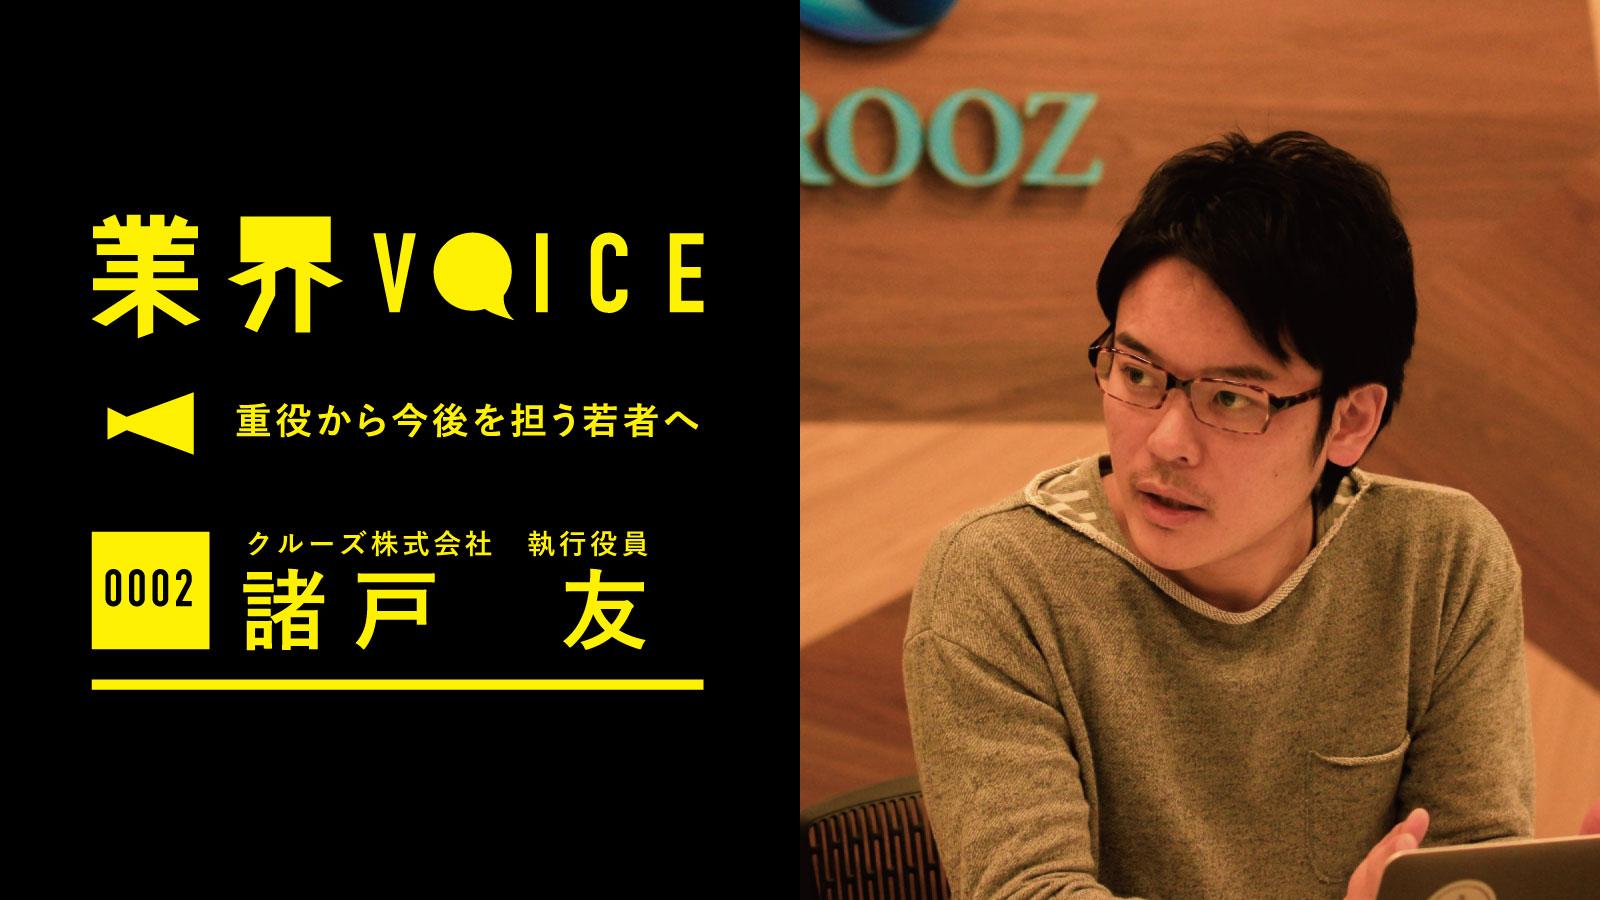 【業界VOICE|重役から今後を担う若者へ】vol.2:クルーズ株式会社 執行役員 諸戸友